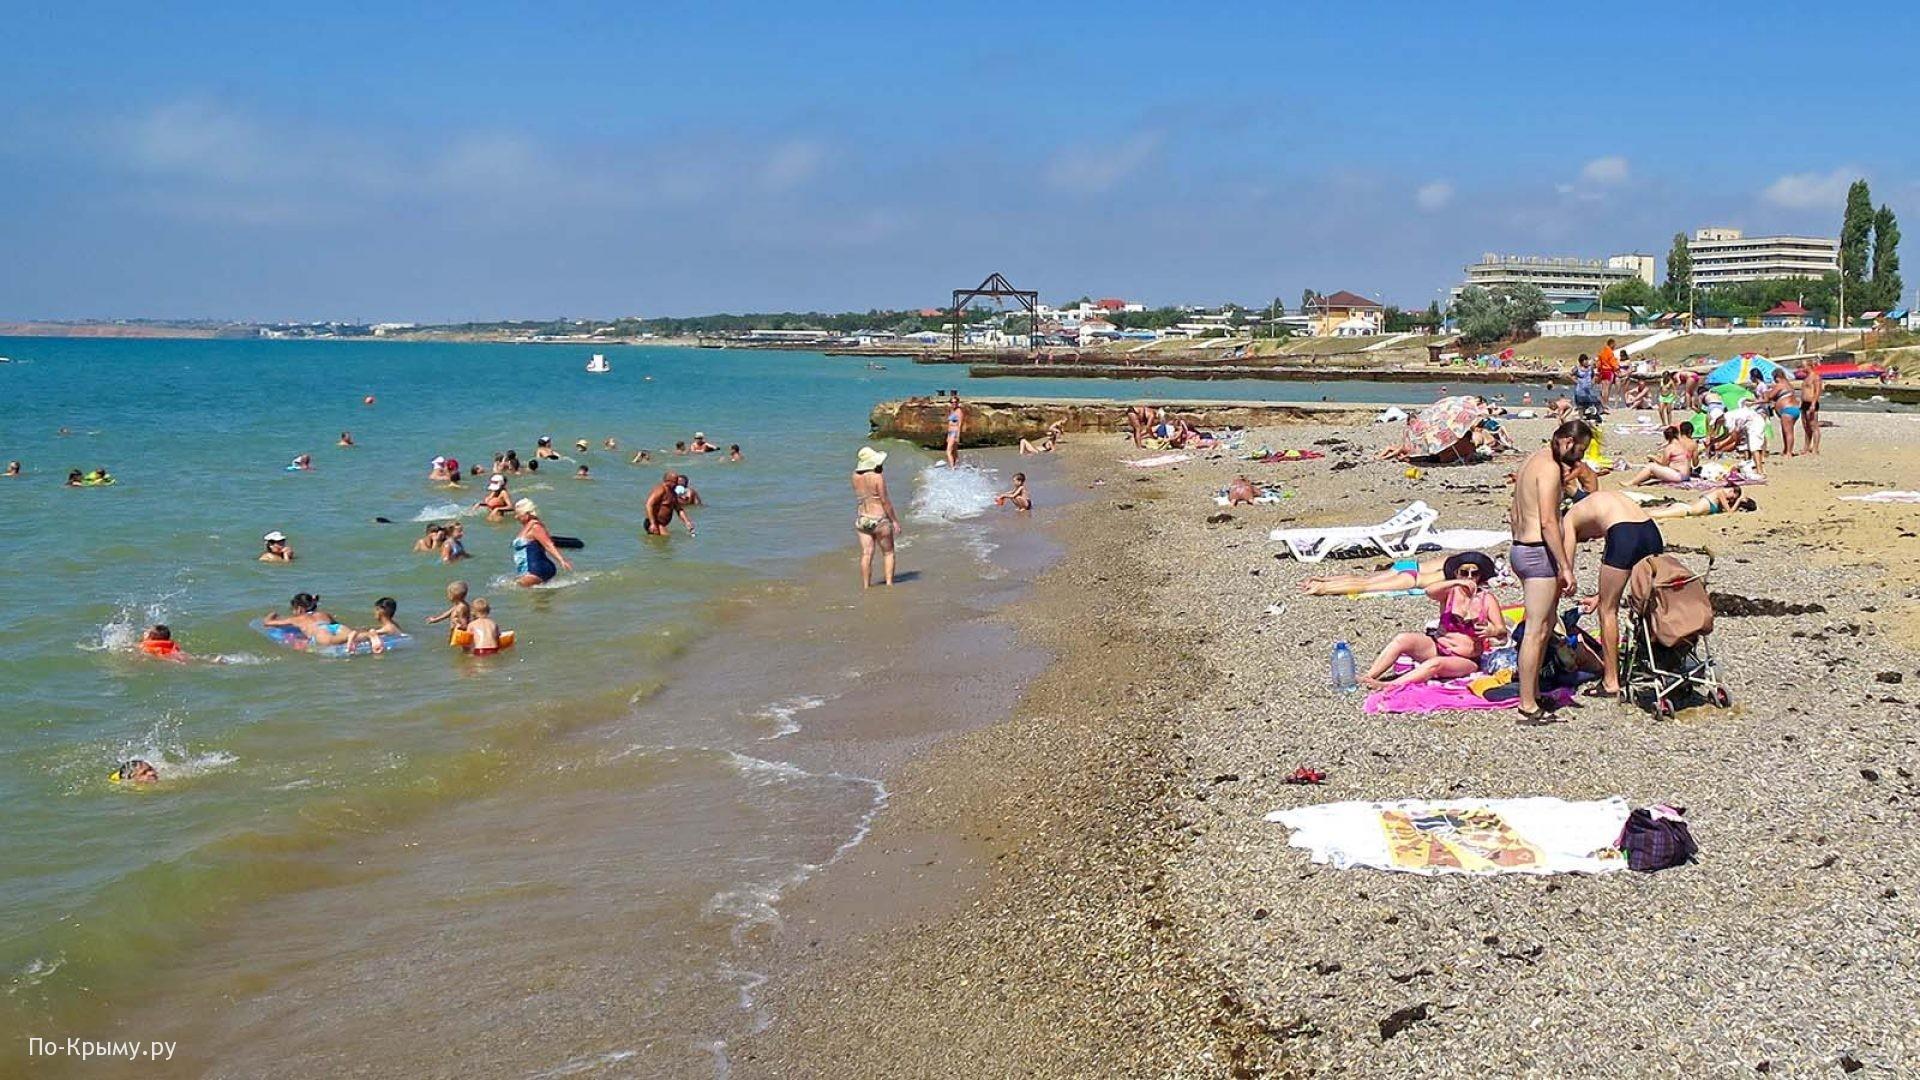 Песчано-галечный берег